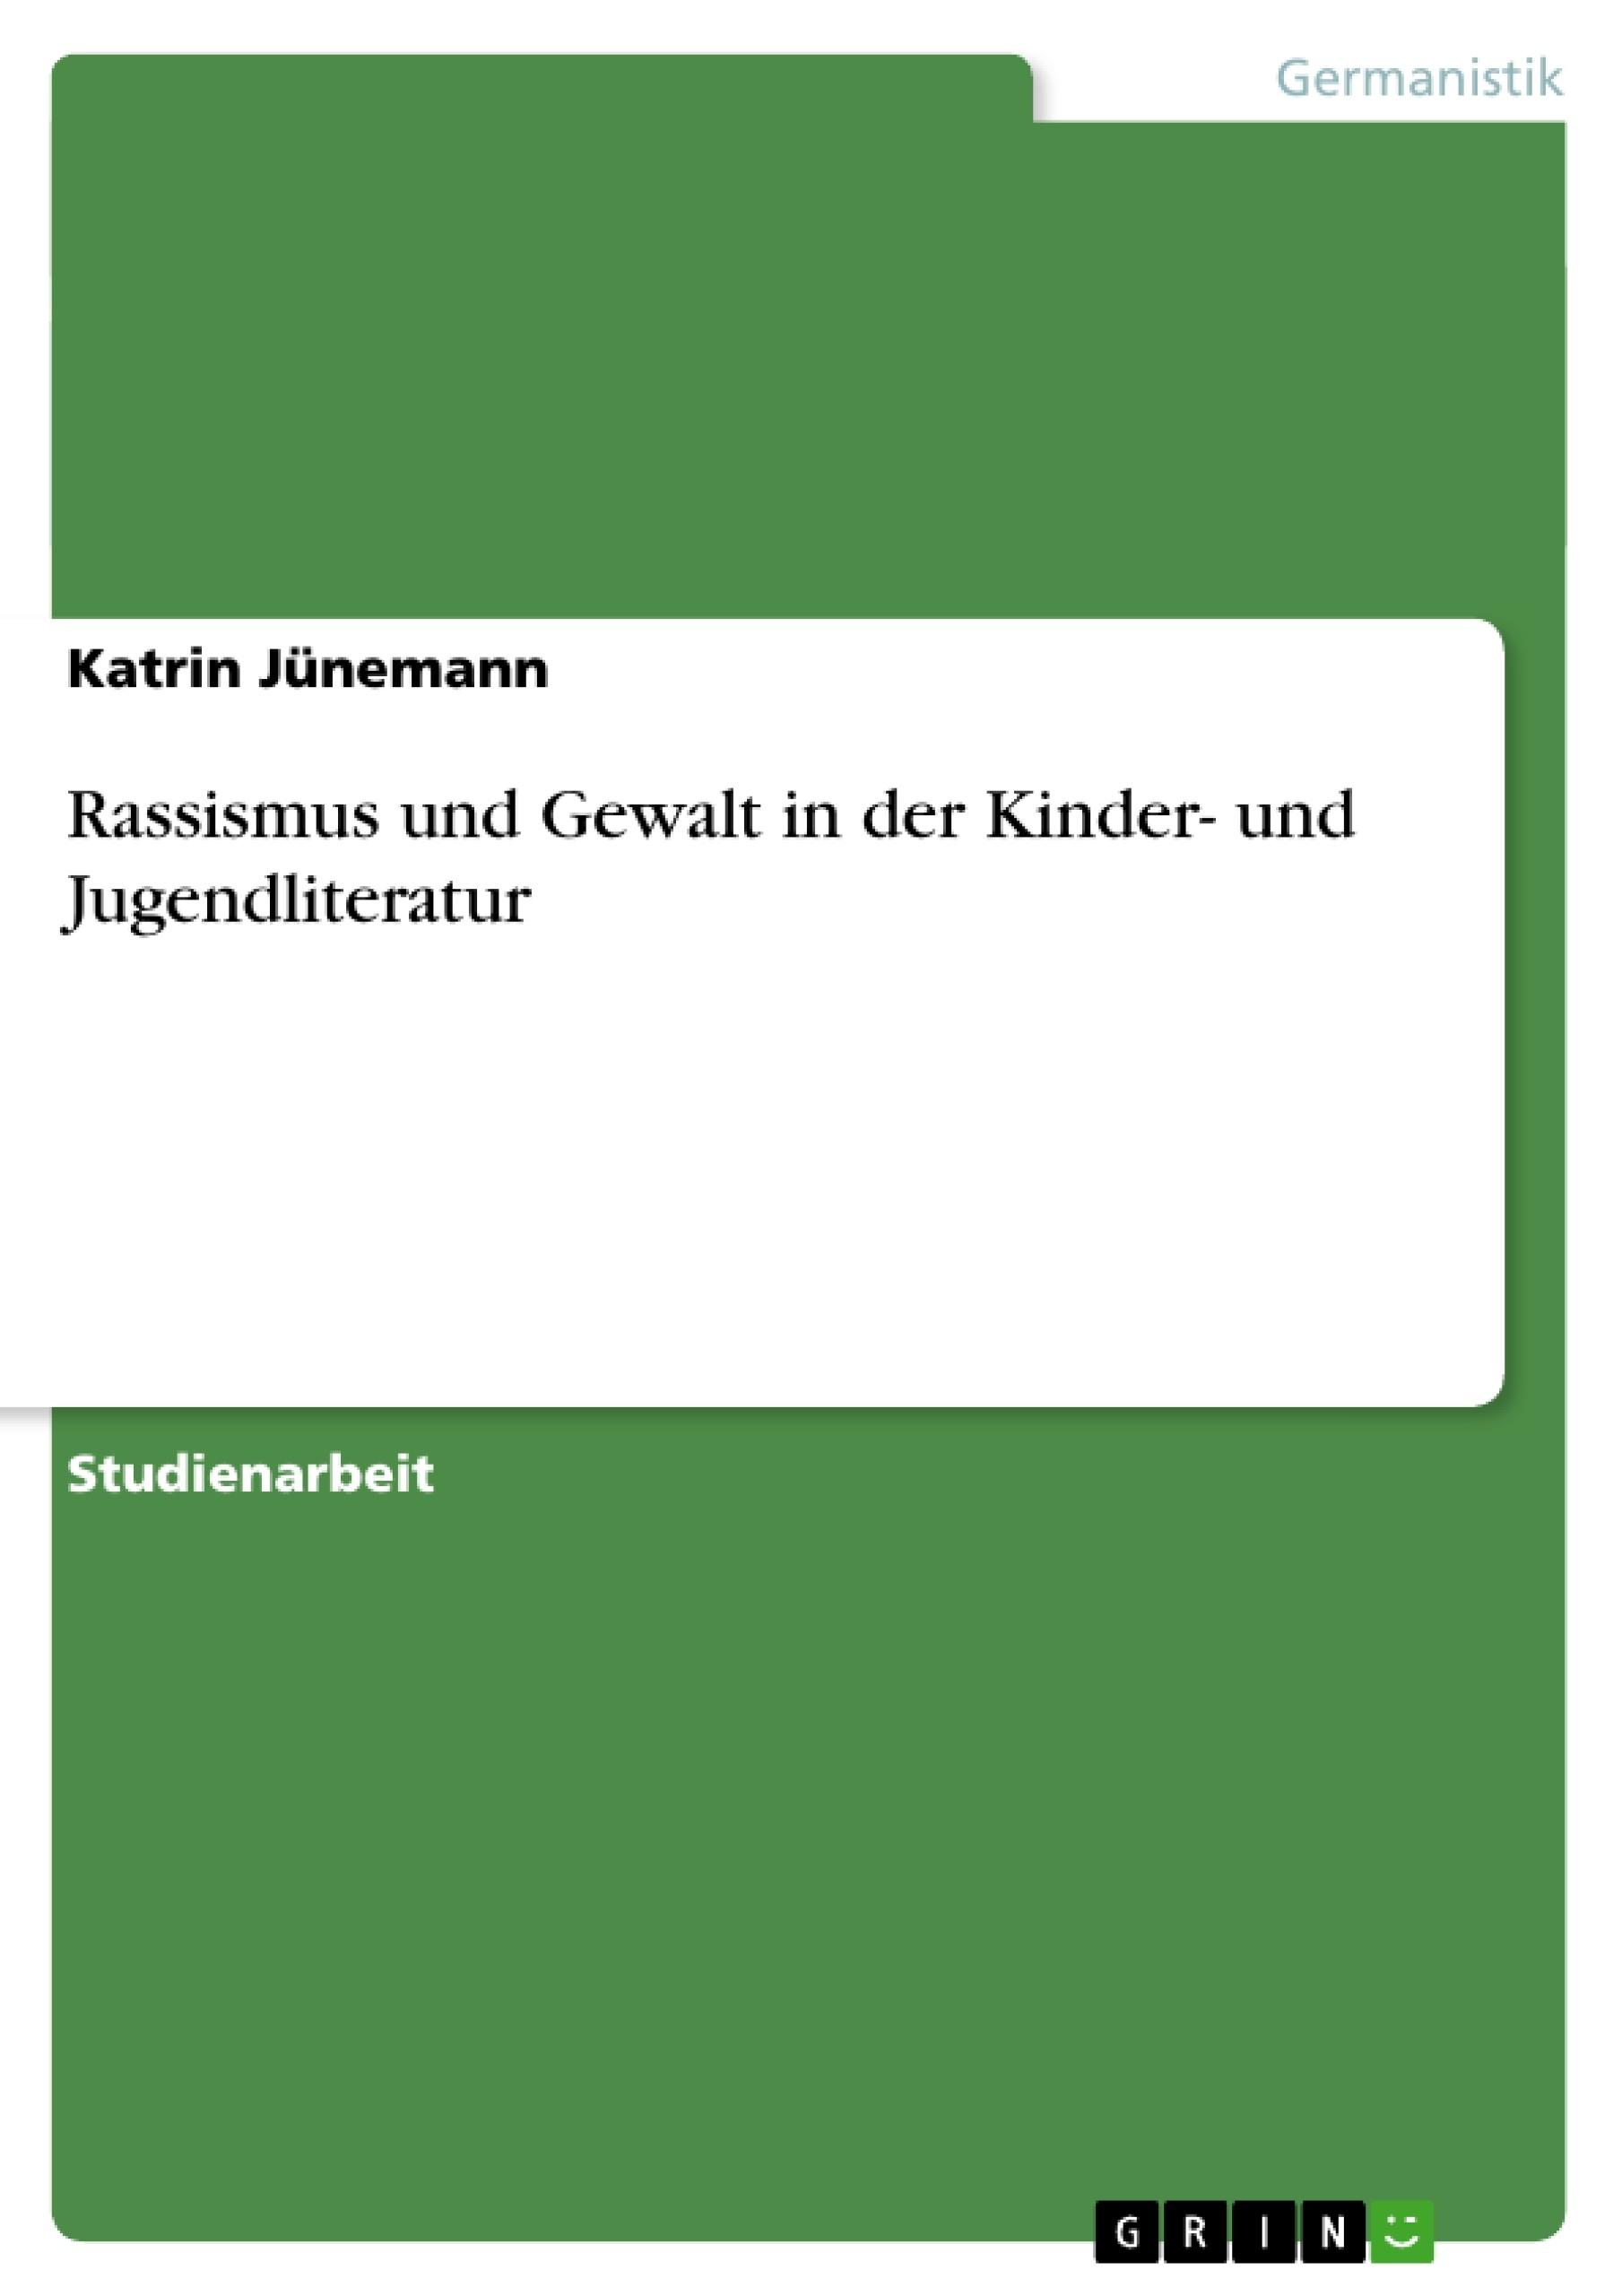 Titel: Rassismus und Gewalt in der Kinder- und Jugendliteratur